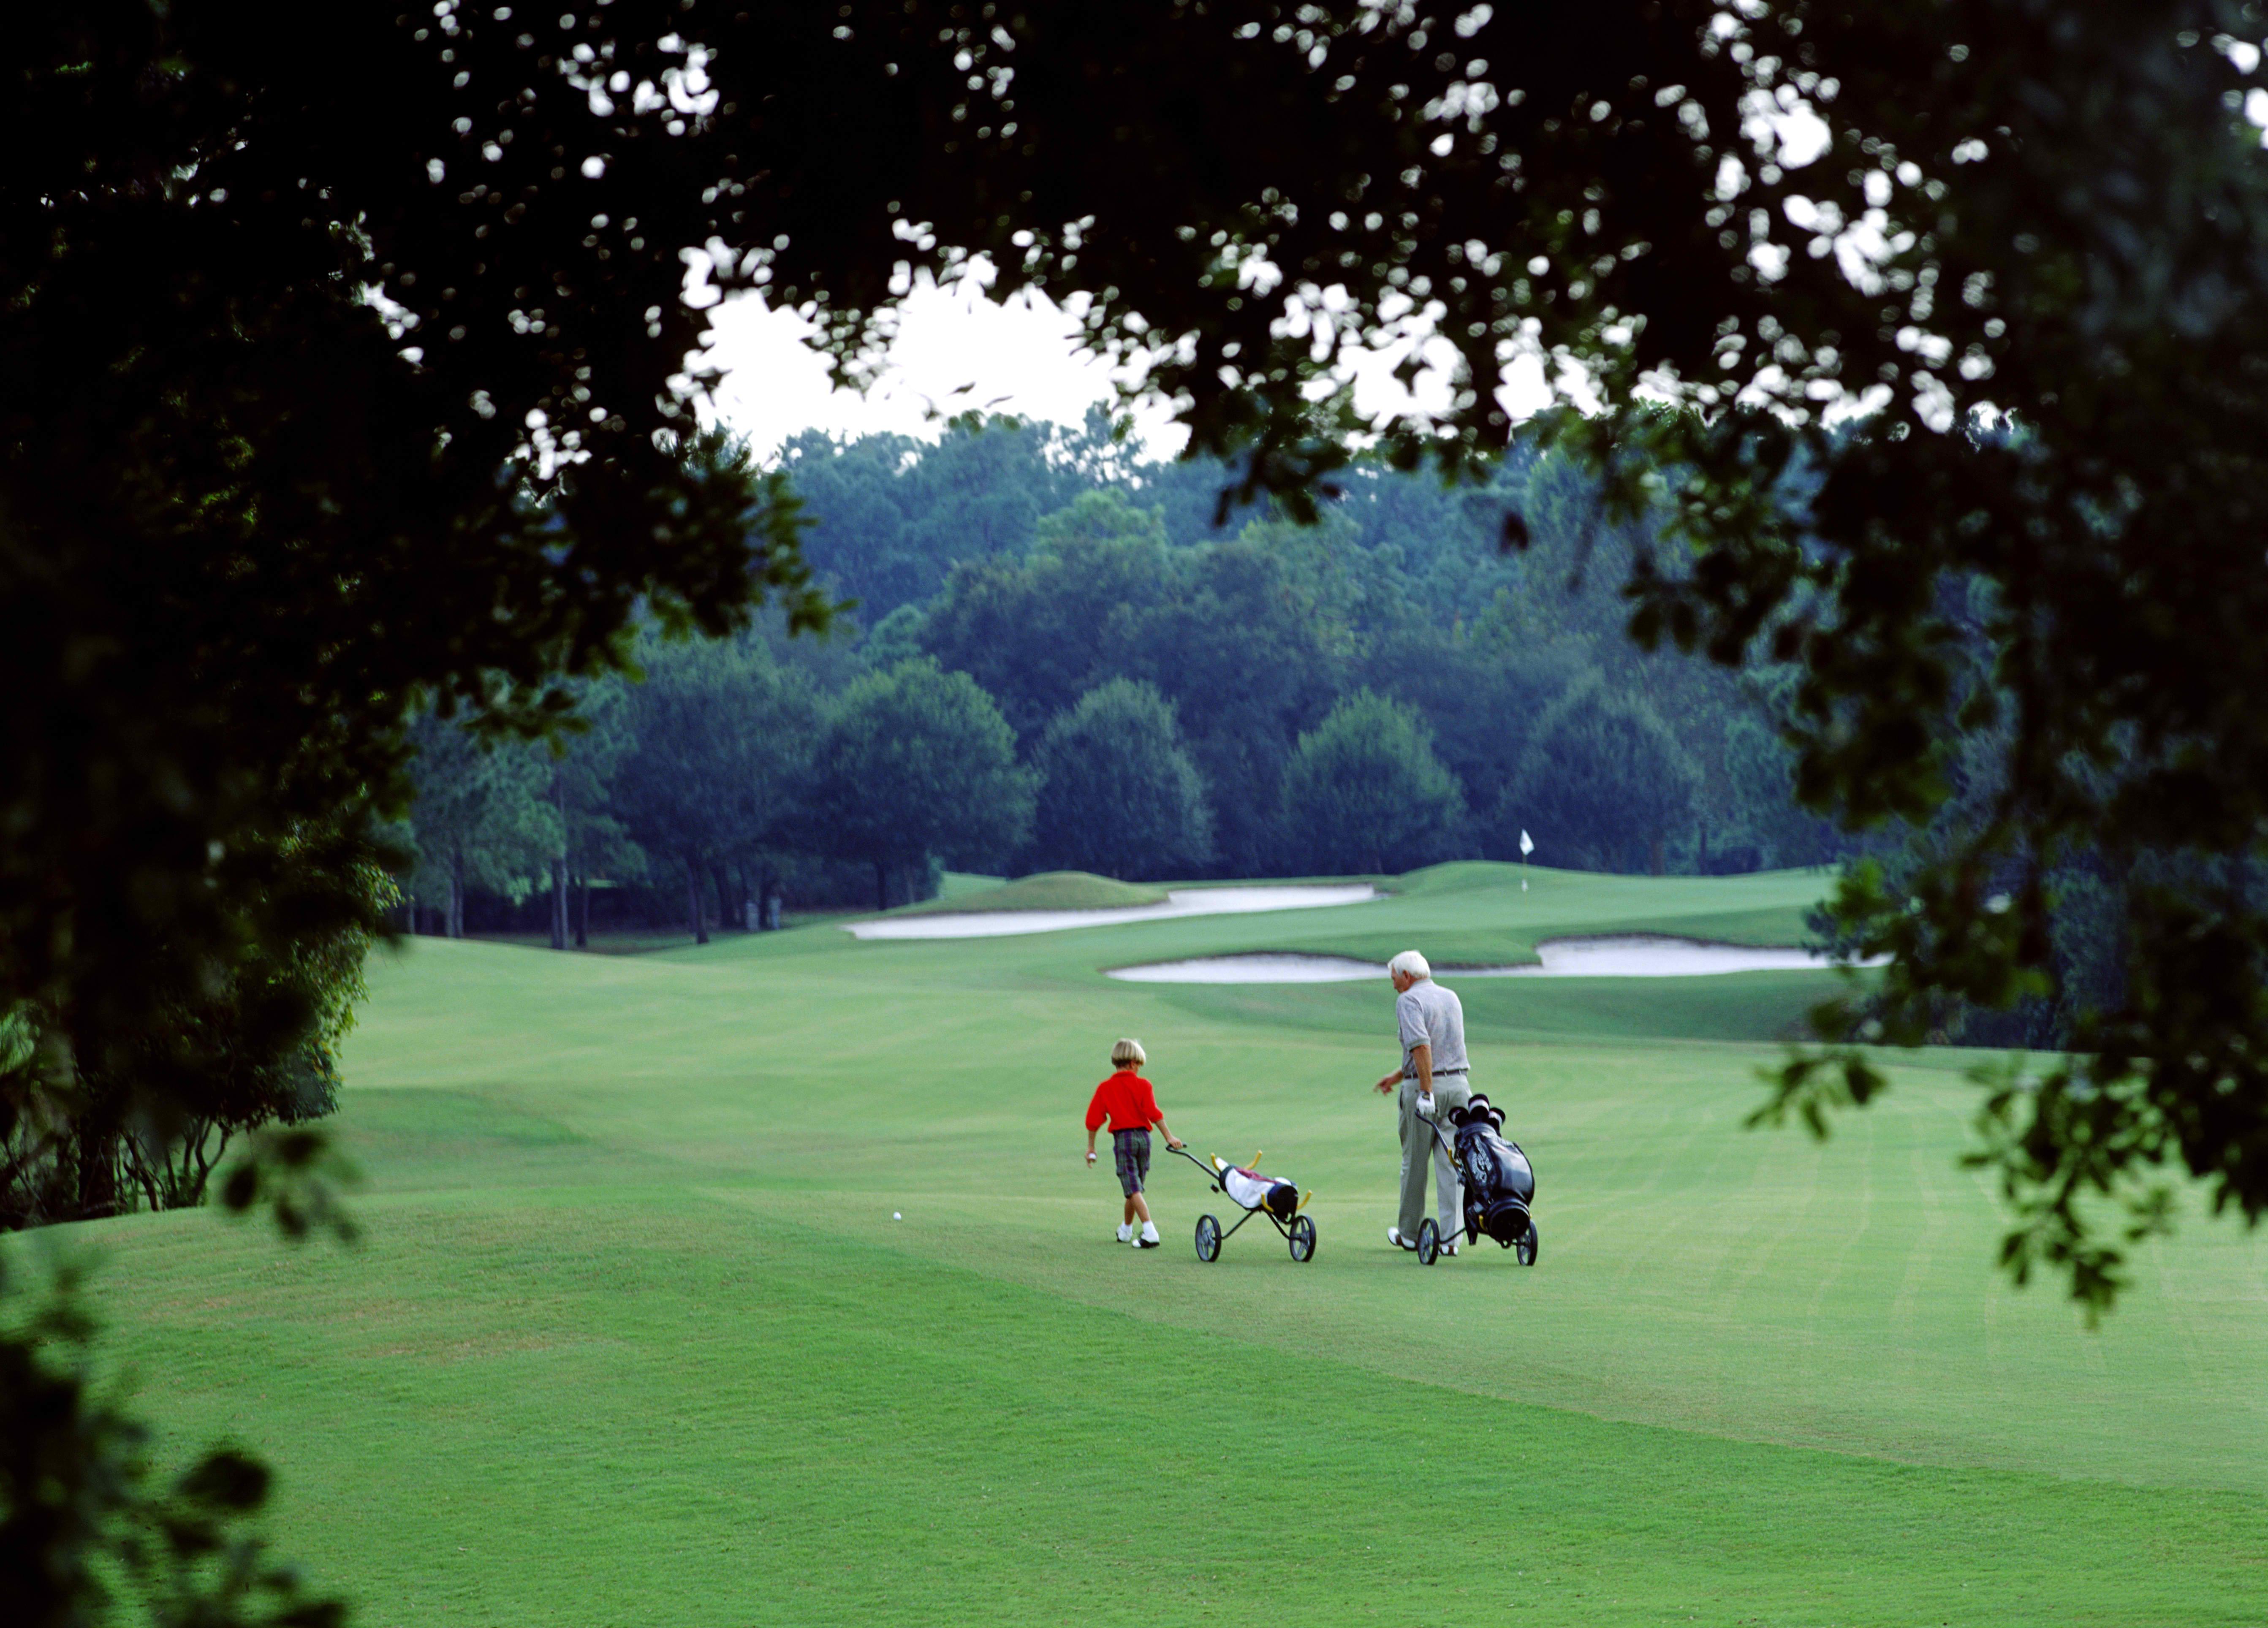 Luxury Champions Gate Villa Golf Courses Disneys Oak Trail Golf Club